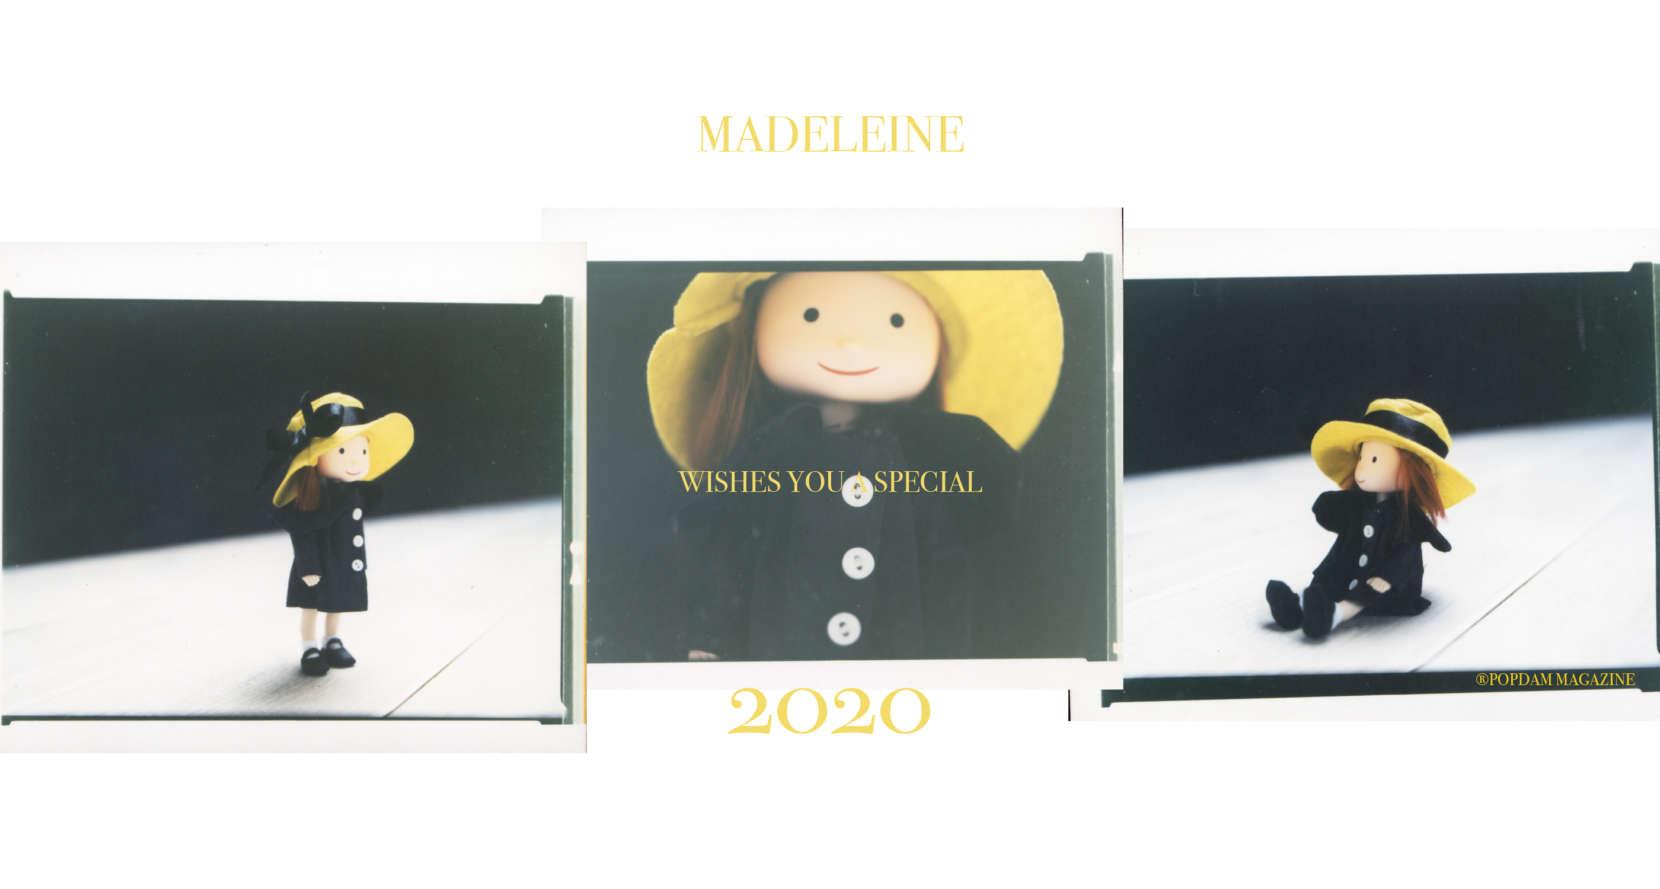 02-TAVOLA-MADELEINE-1660x889.jpg